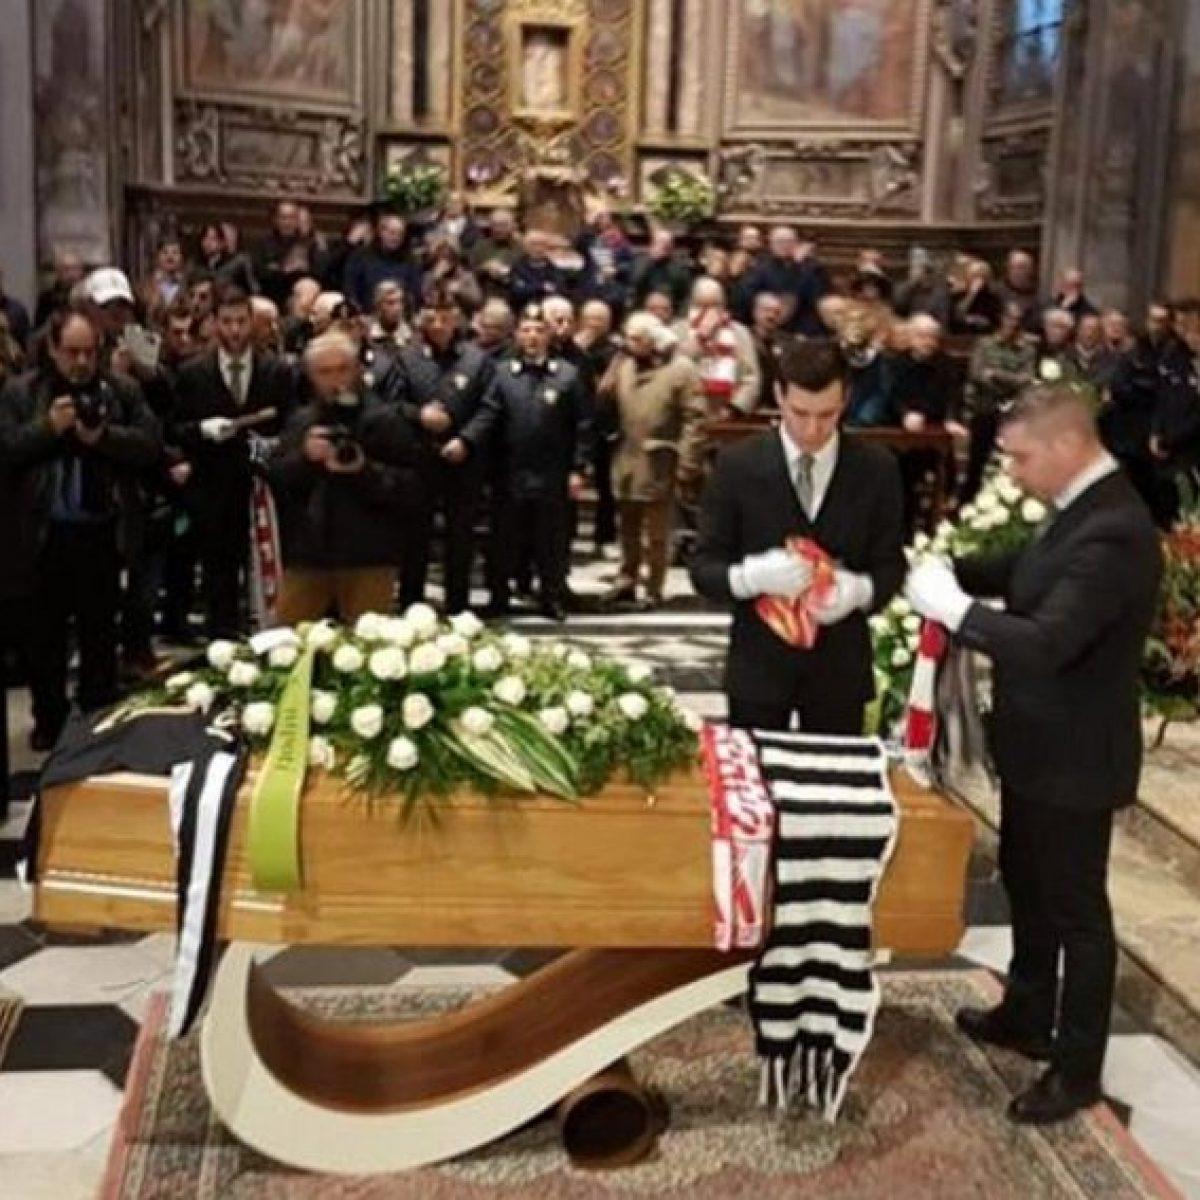 Afbeeldingsresultaat voor funerali di pietro anastasi marotta